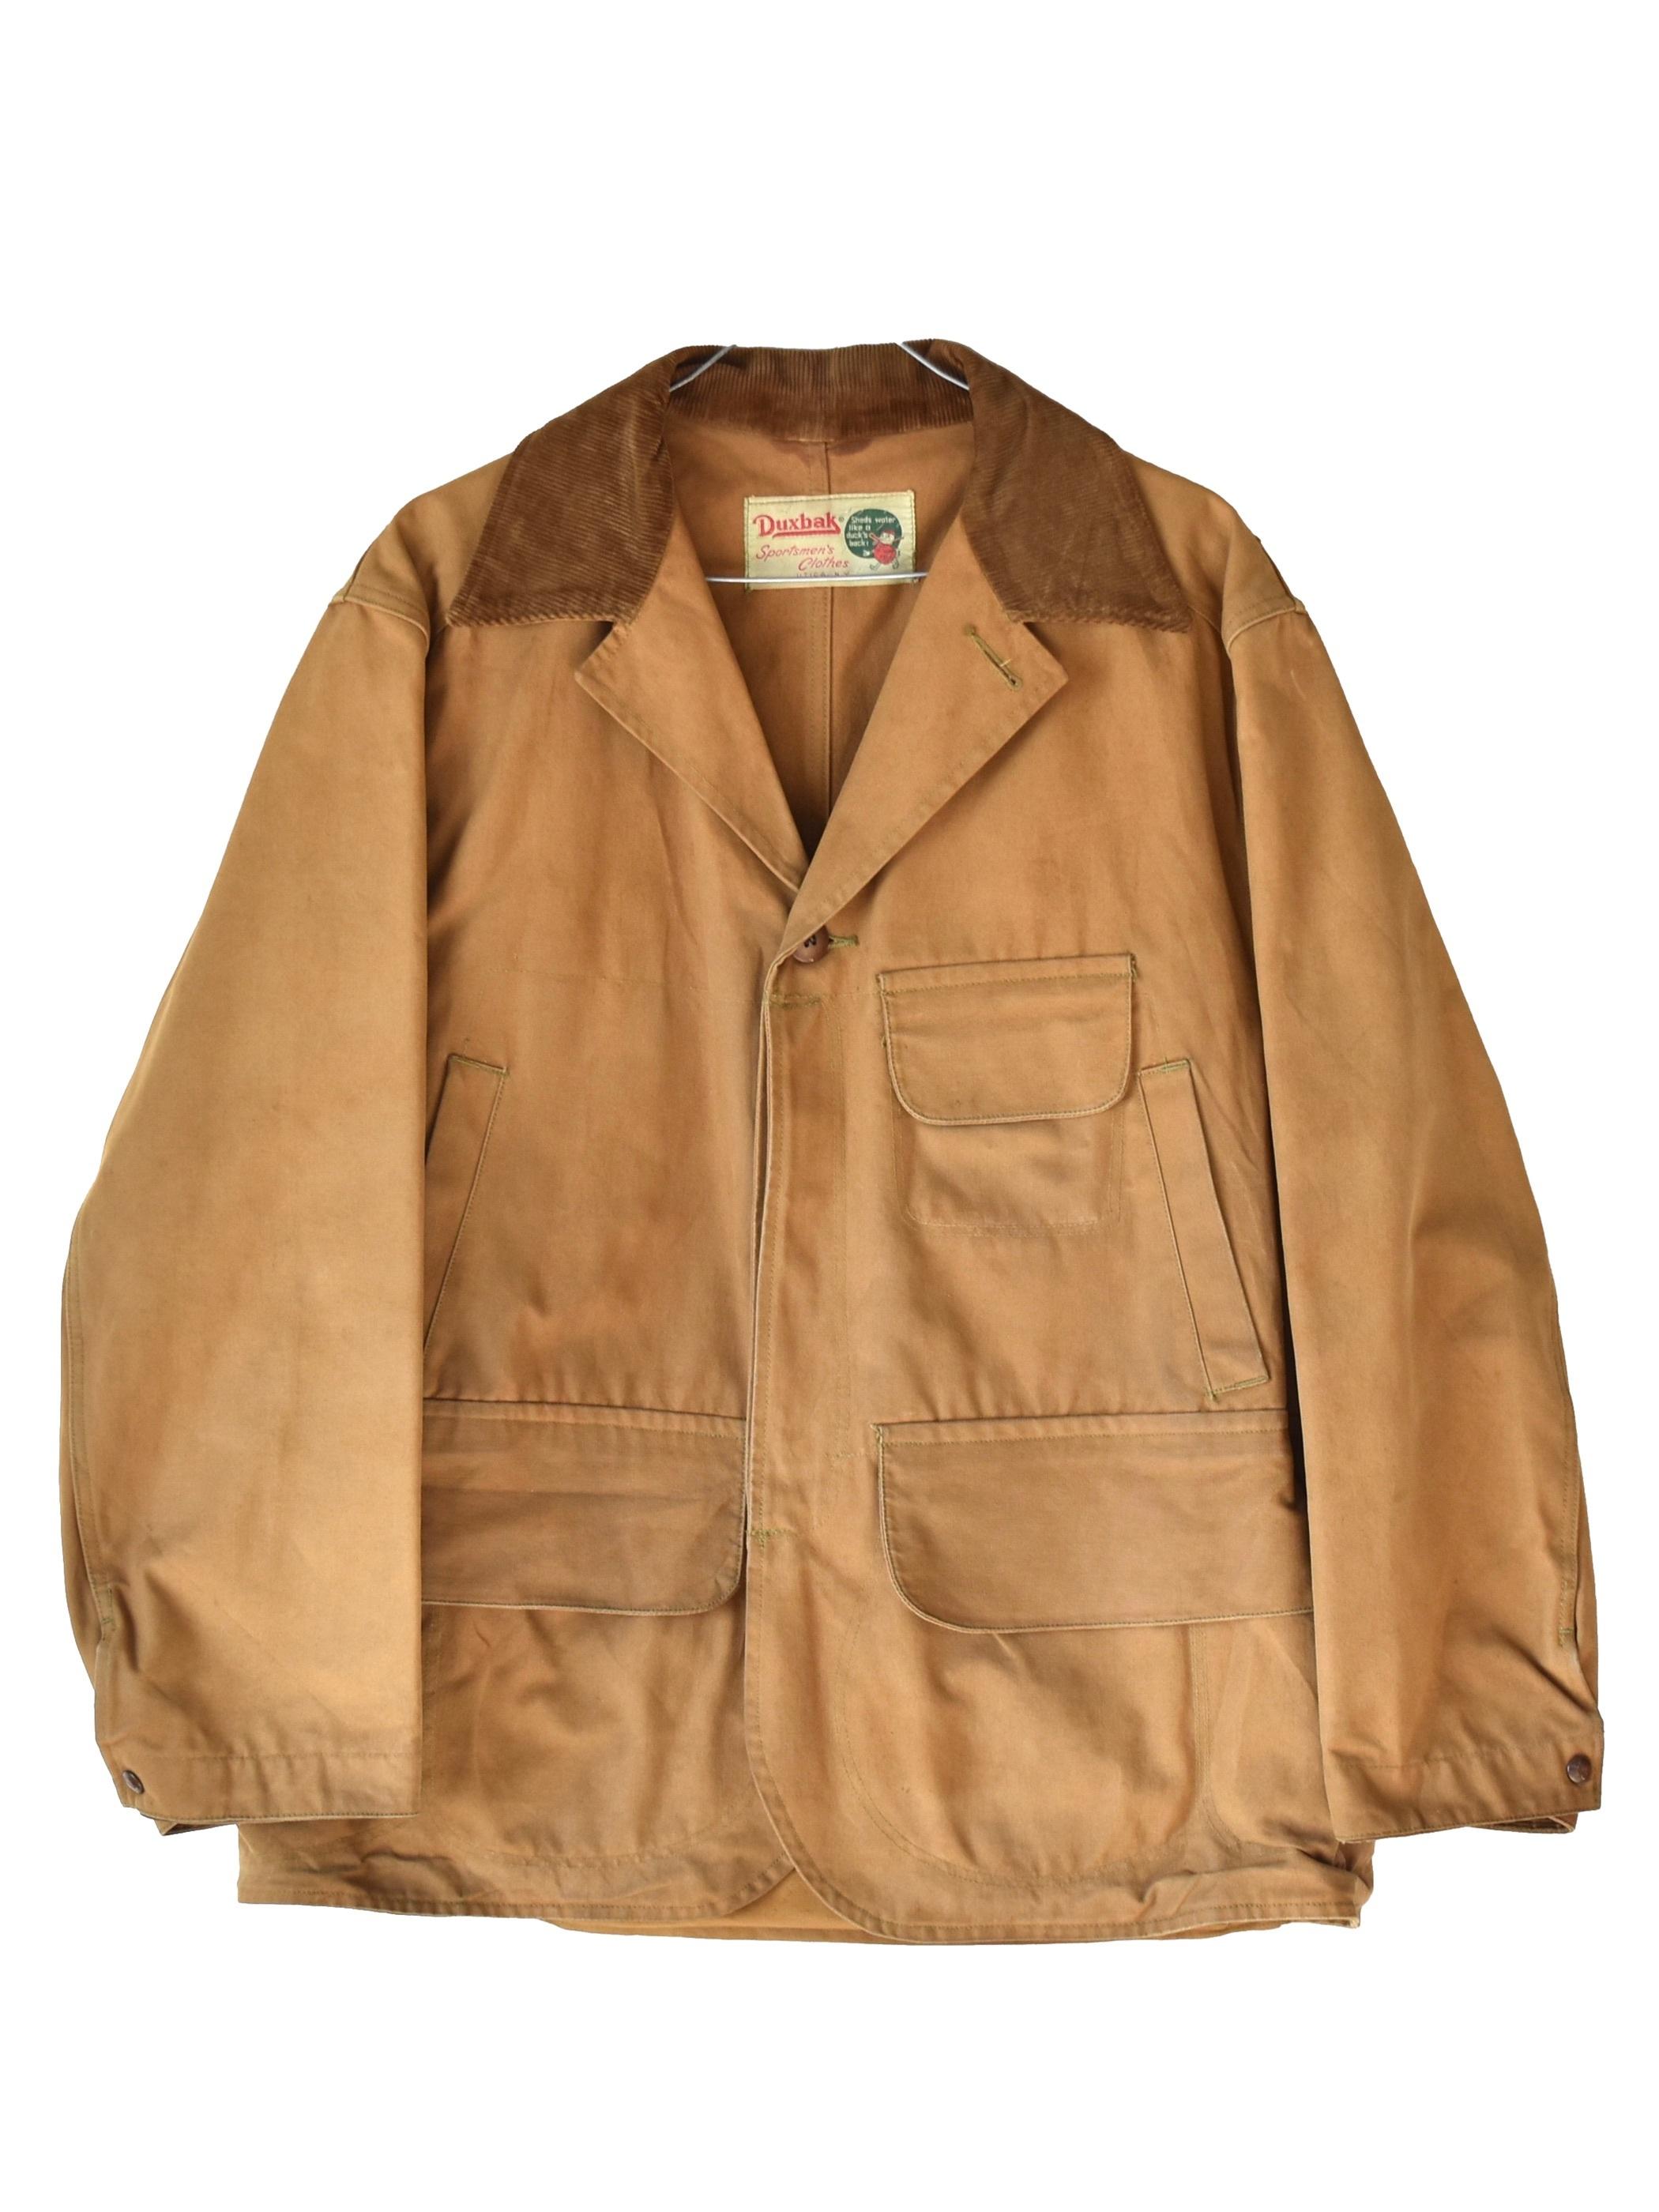 """50~60年代 ダックスバック ビンテージ ハンティング / """"Duxbak"""" 50~60's vintage hunting jacket"""